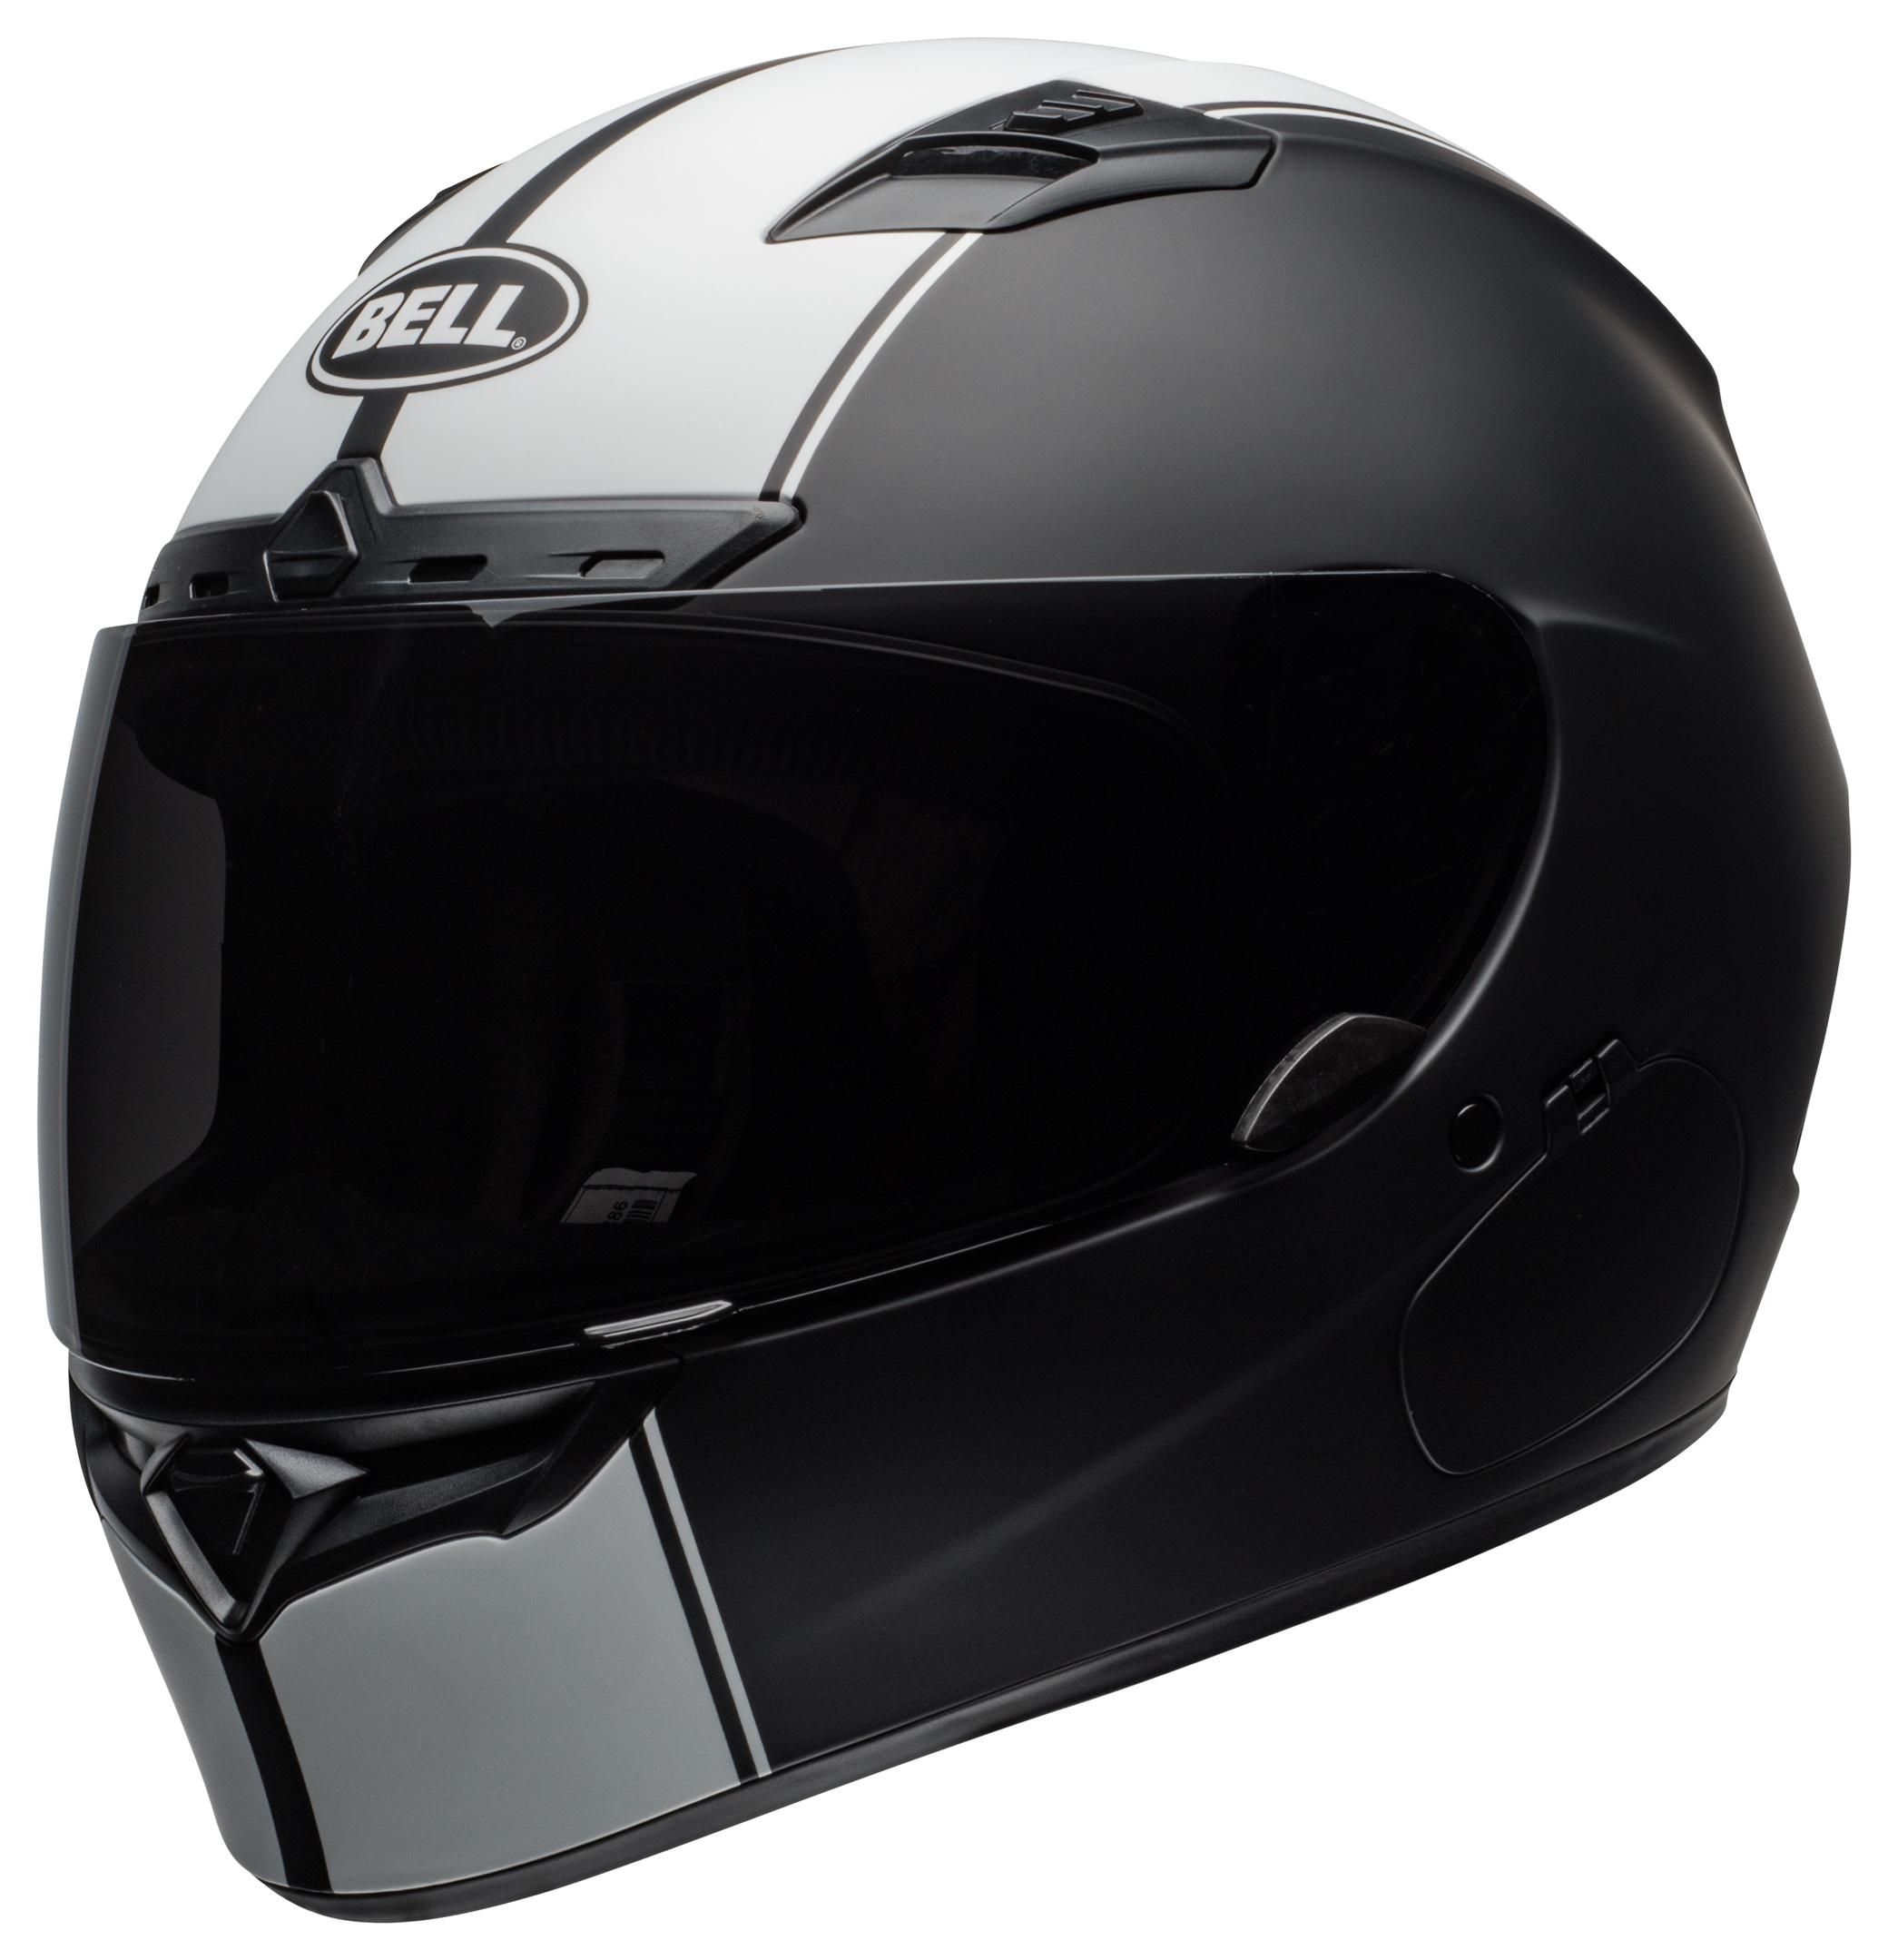 Bell Qualifier Dlx >> Bell Qualifier DLX Rally Helmet | 40% ($99.98) Off! - RevZilla